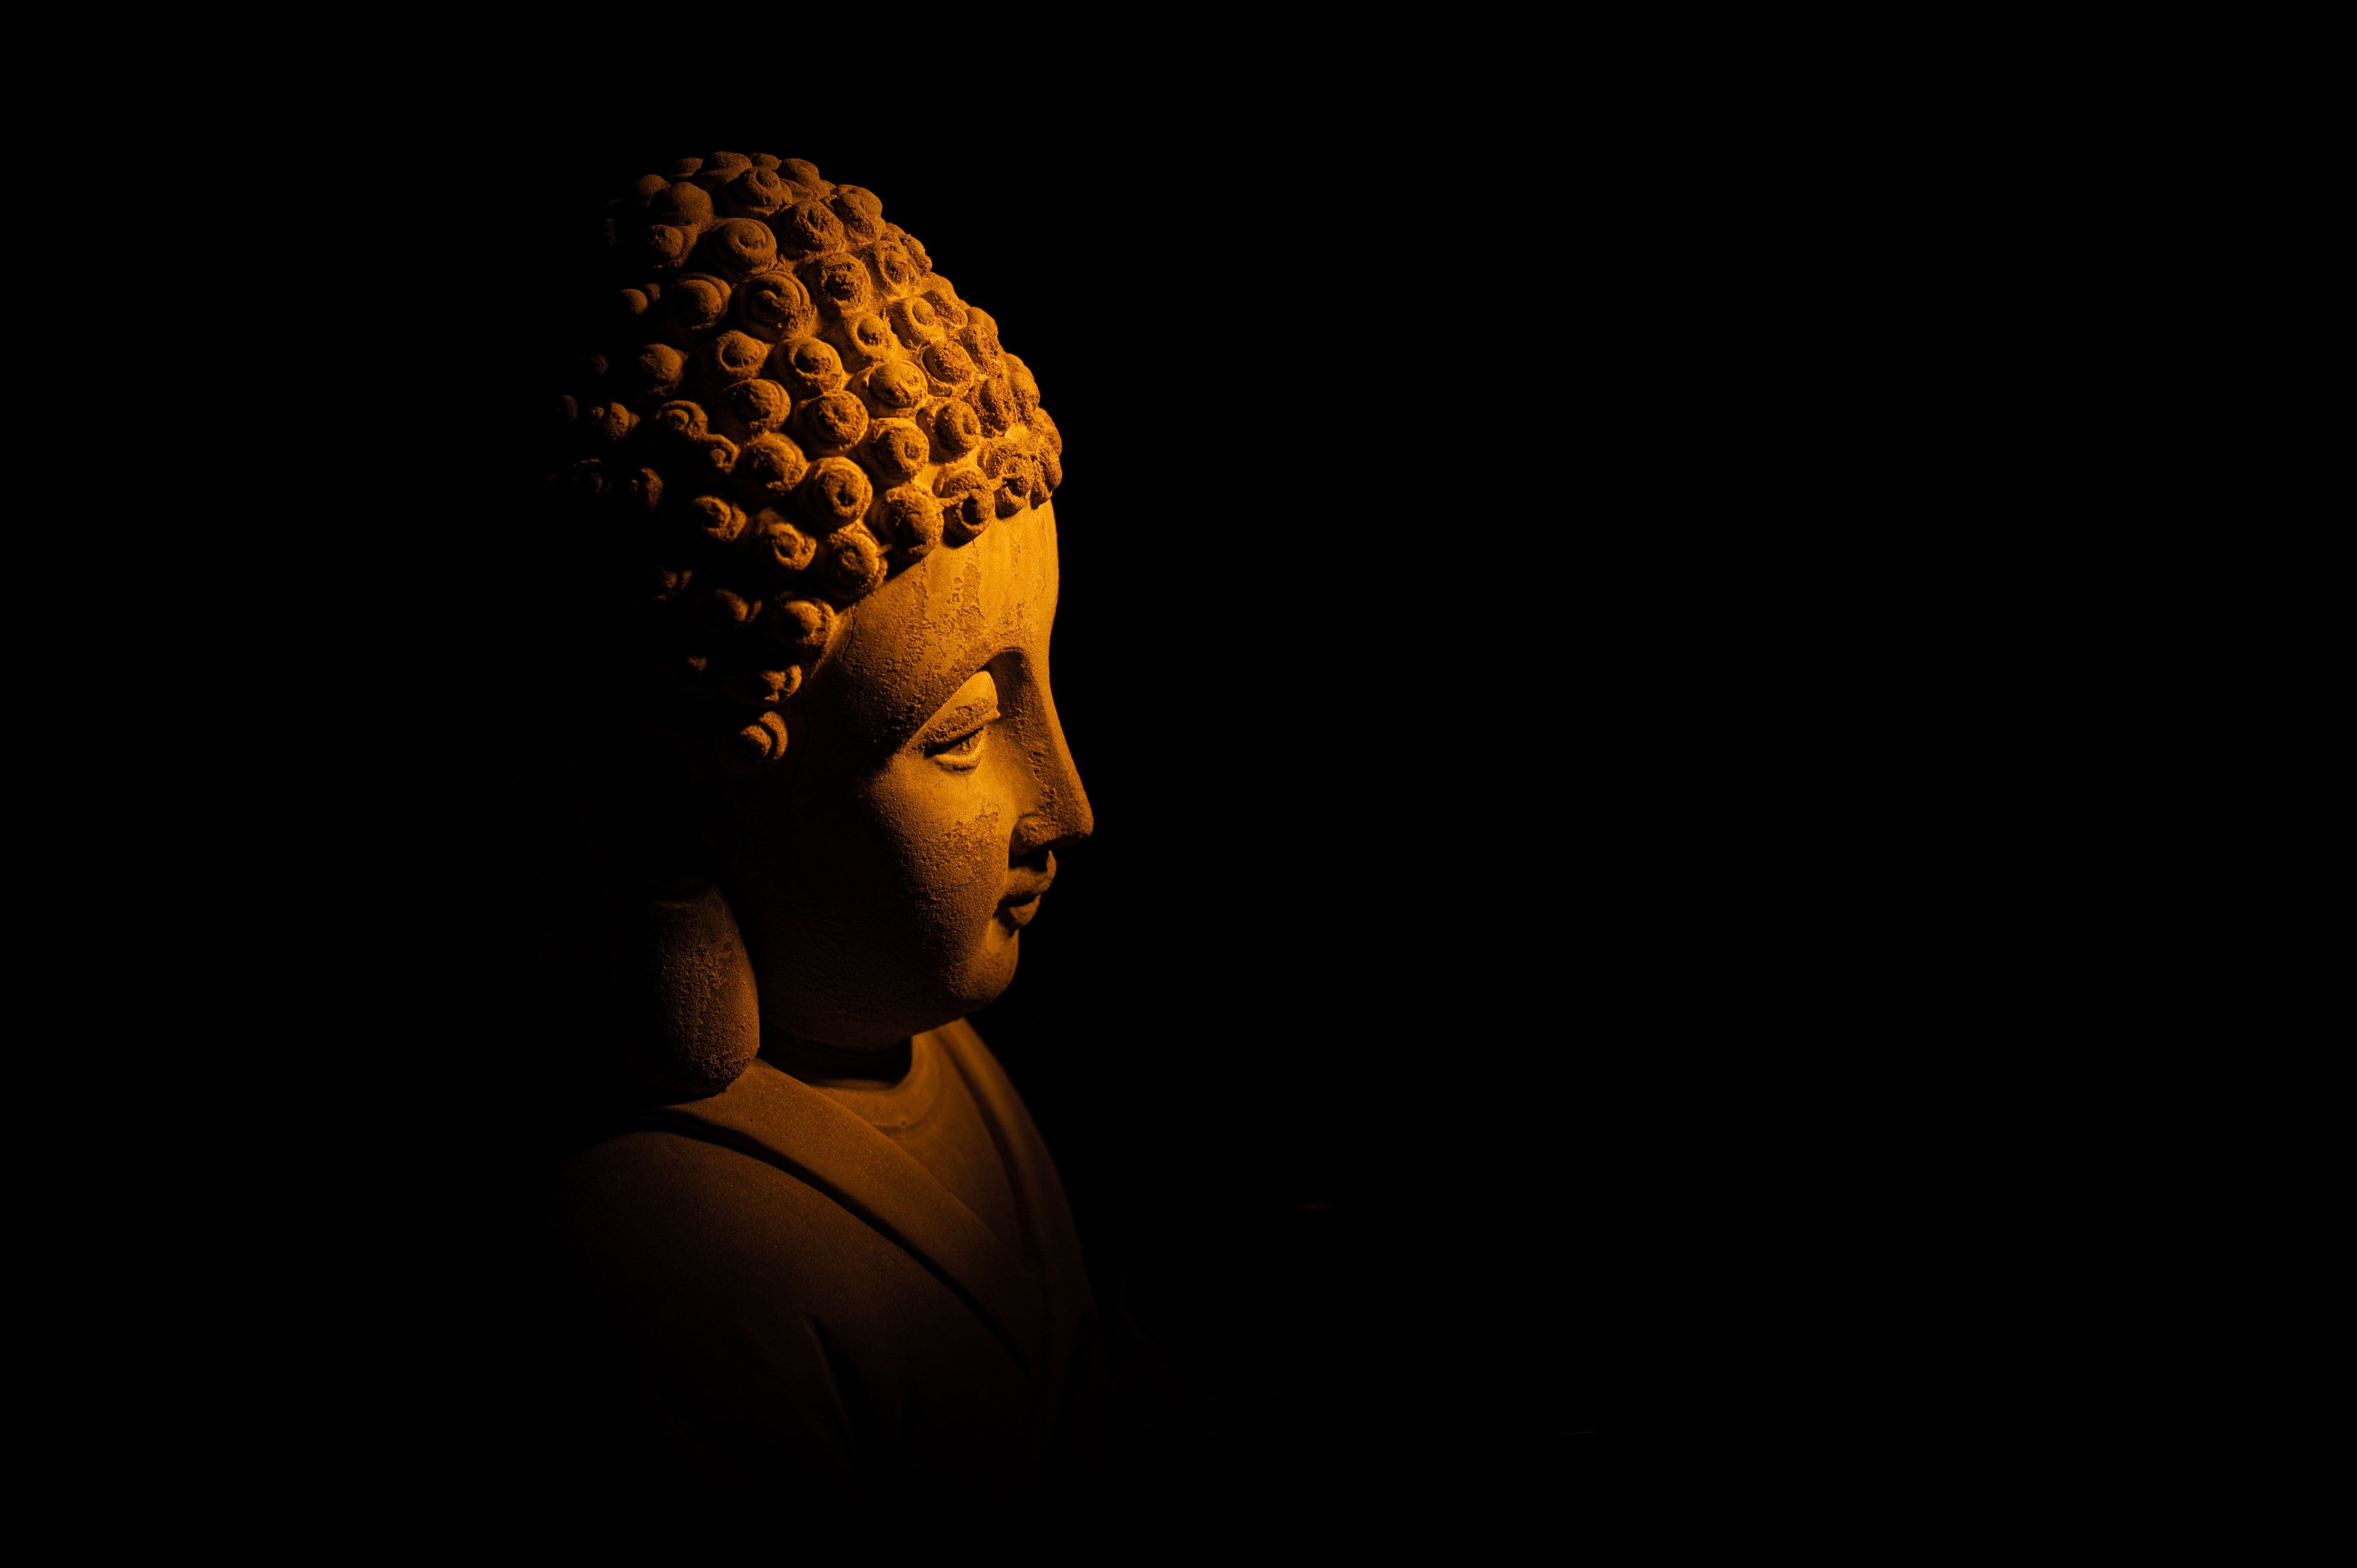 139290 Hintergrundbild 1024x600 kostenlos auf deinem Handy, lade Bilder Buddha, Dunkel, Eine Statue, Statue 1024x600 auf dein Handy herunter